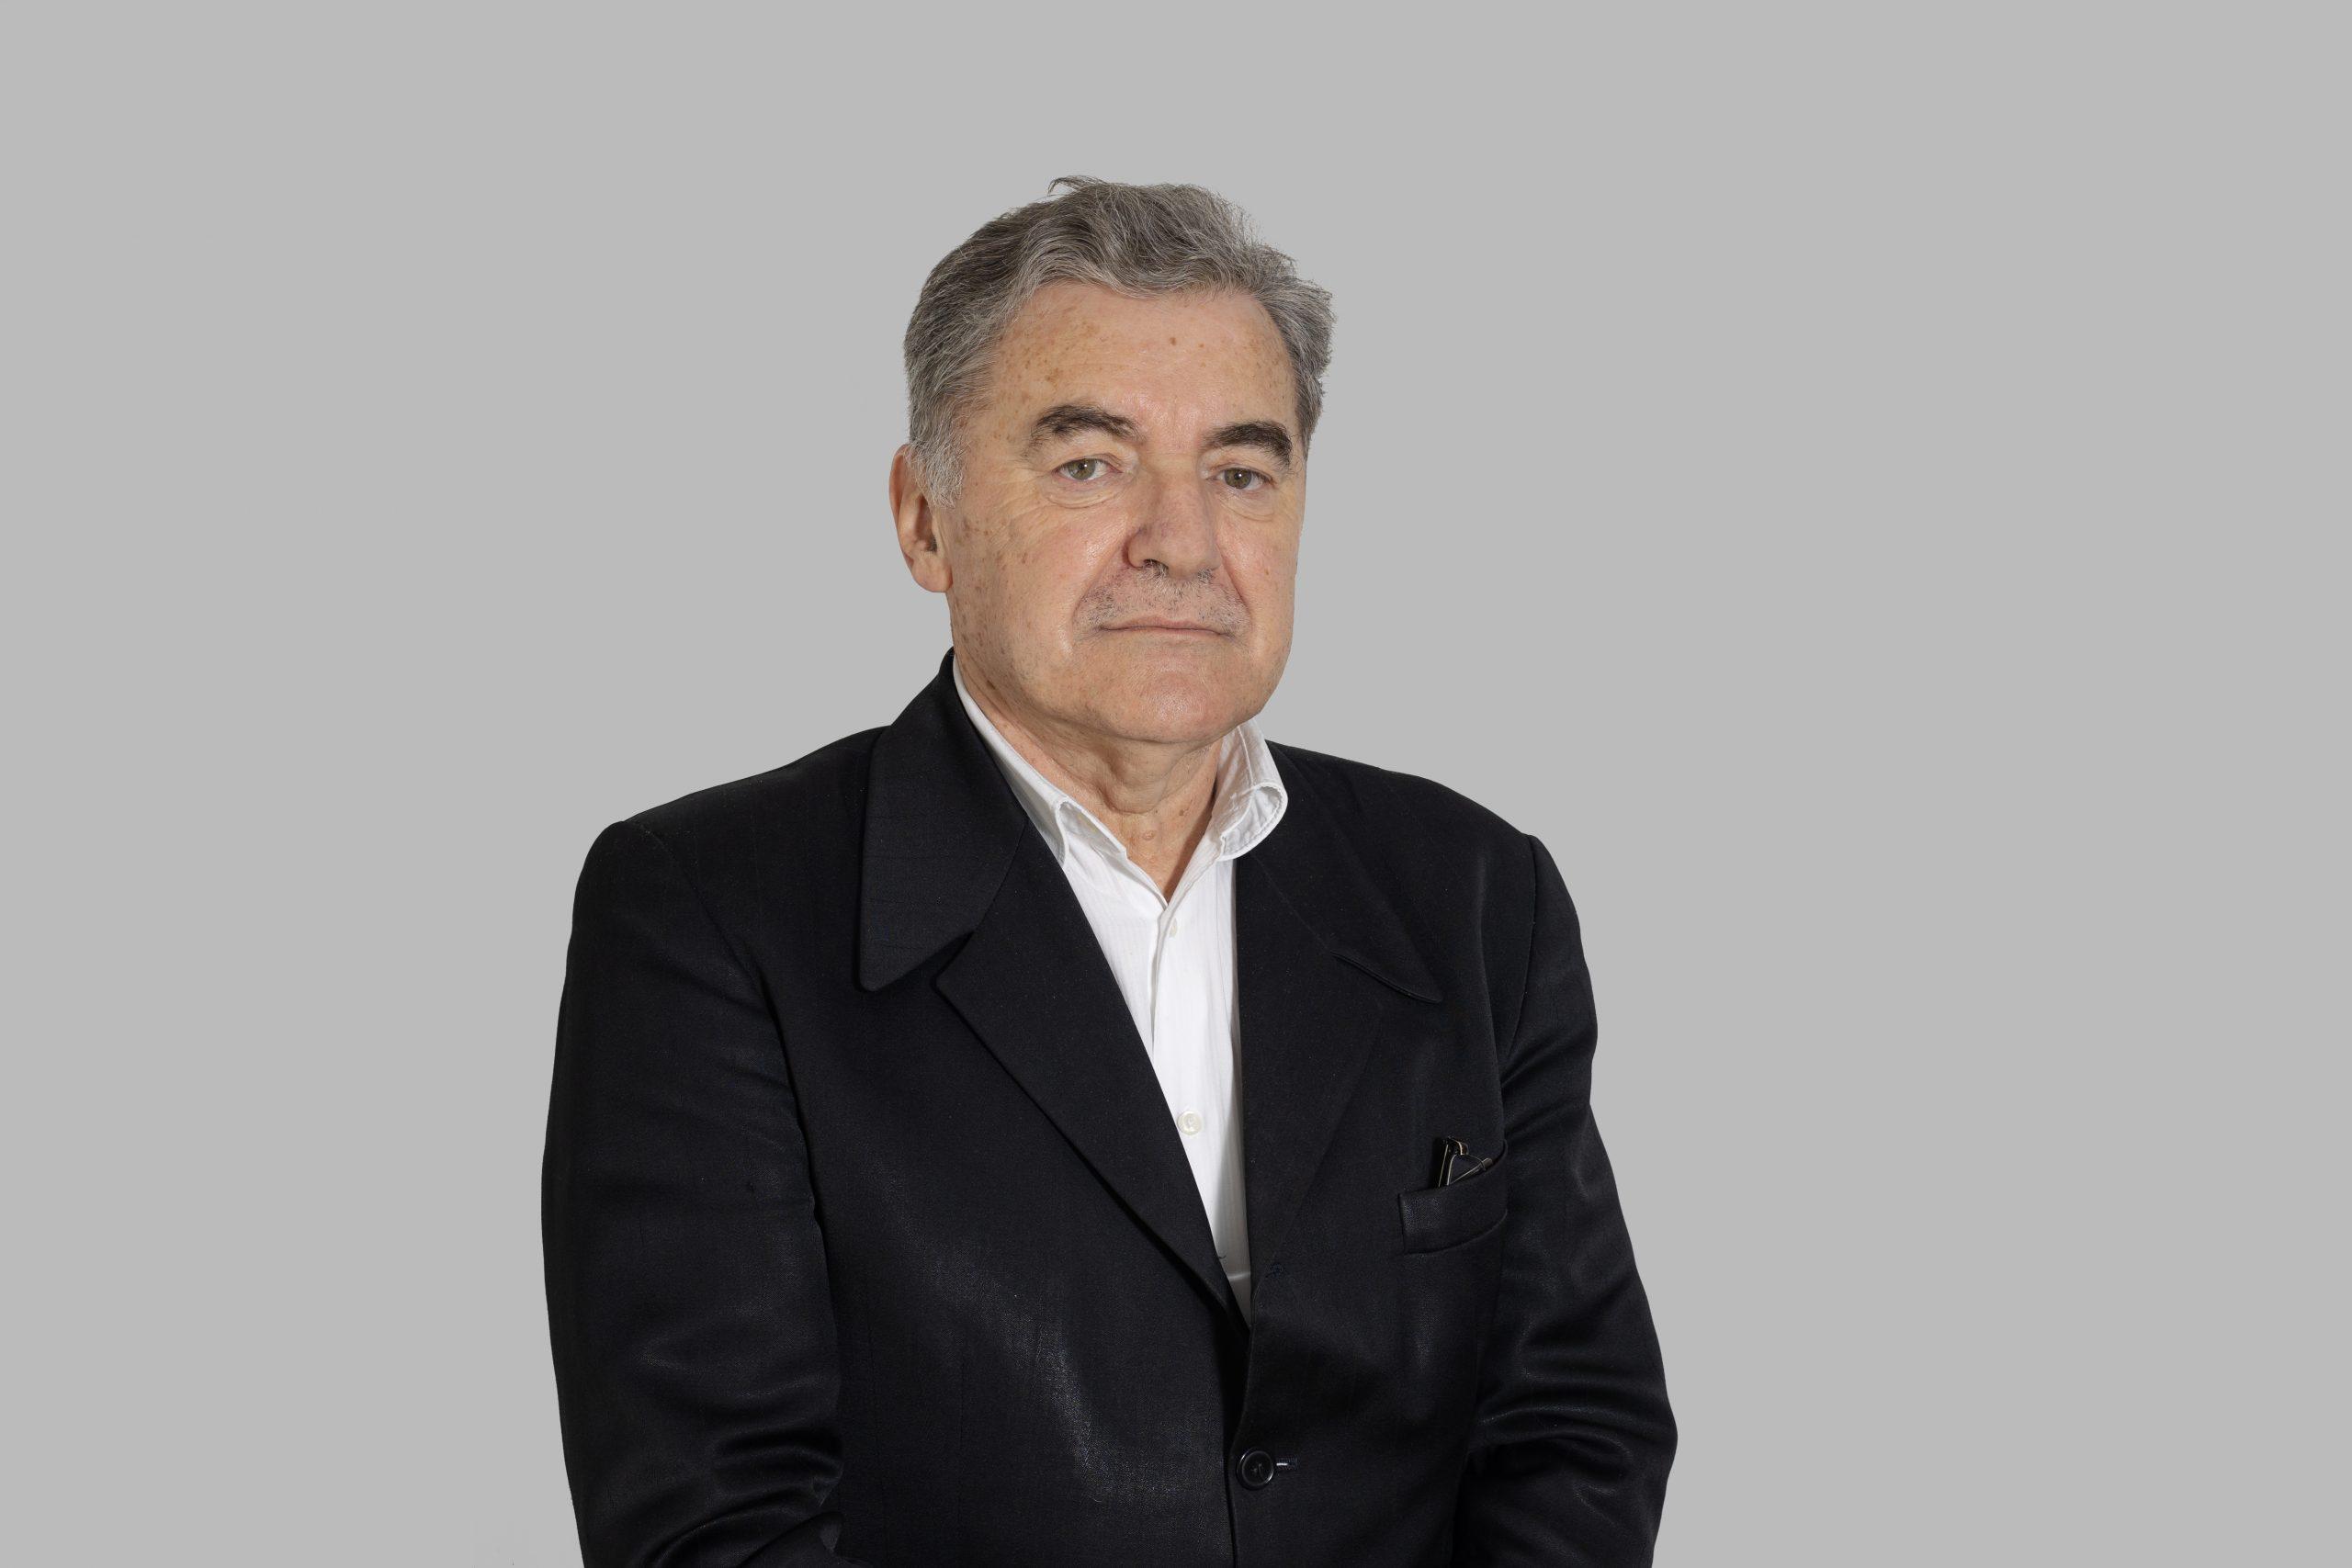 Branko Paić